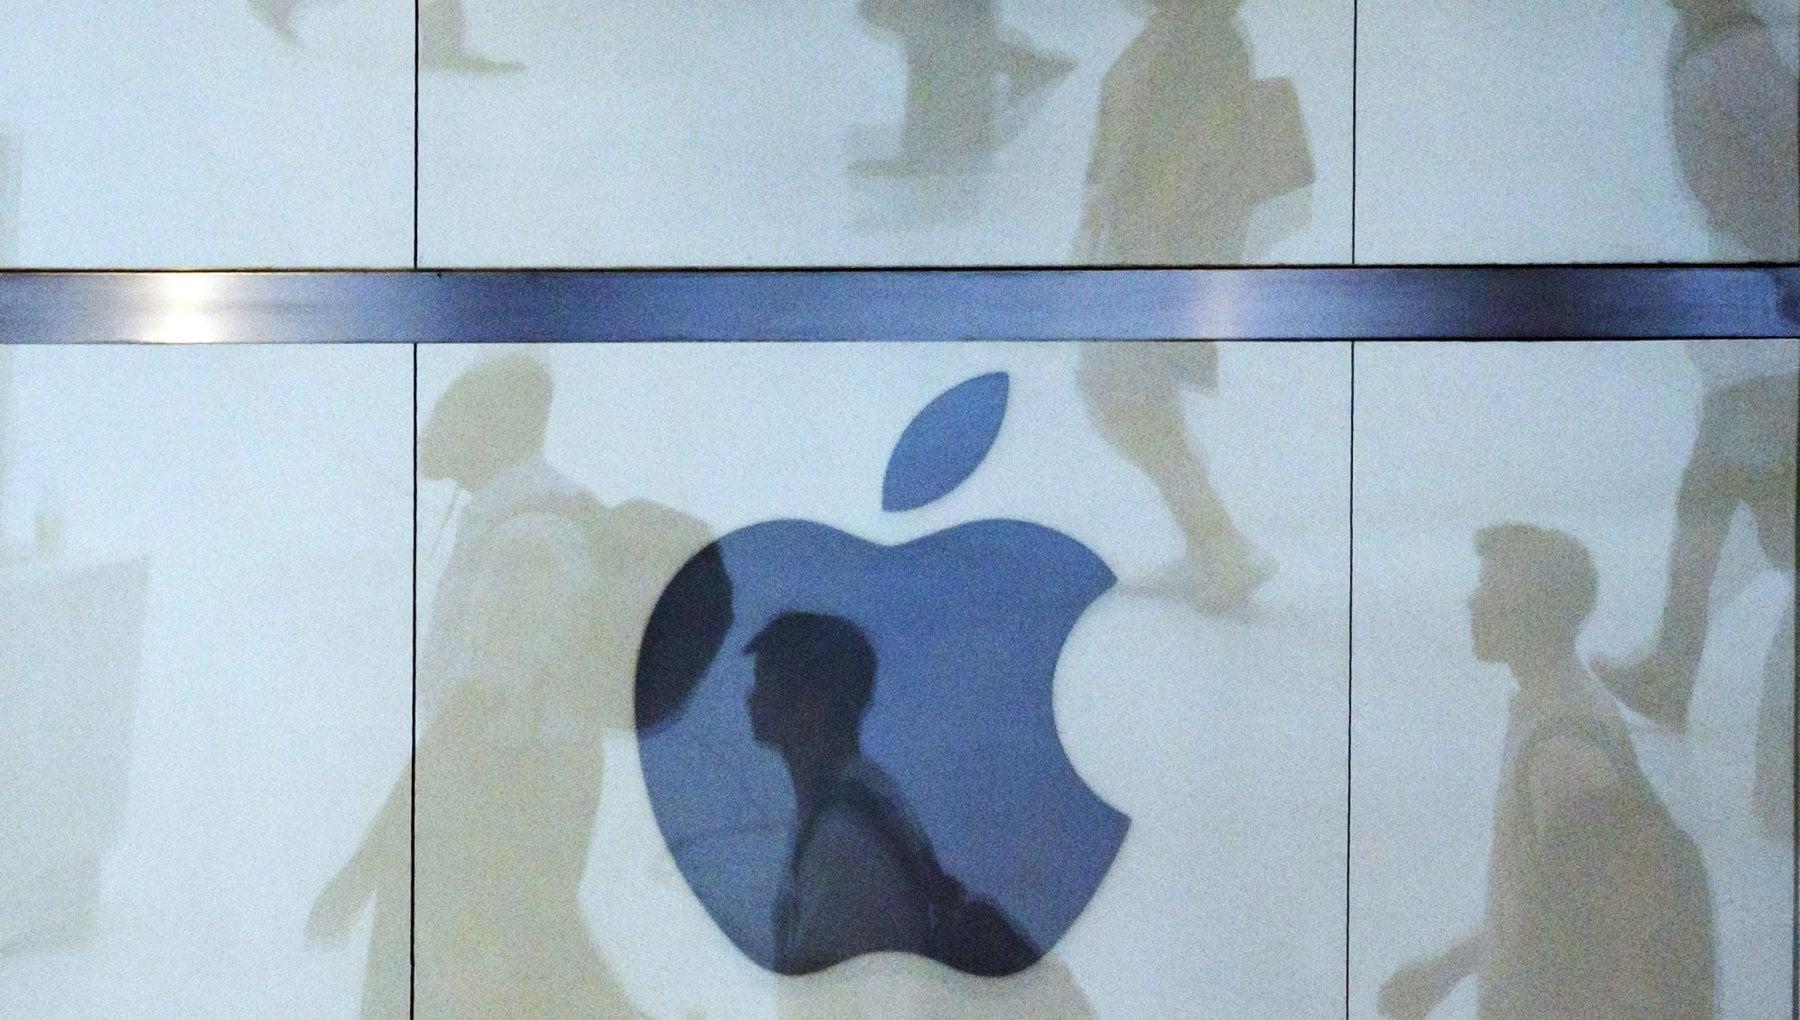 Apple, nuove regole per proteggere la privacy: App store e iOS si blindano